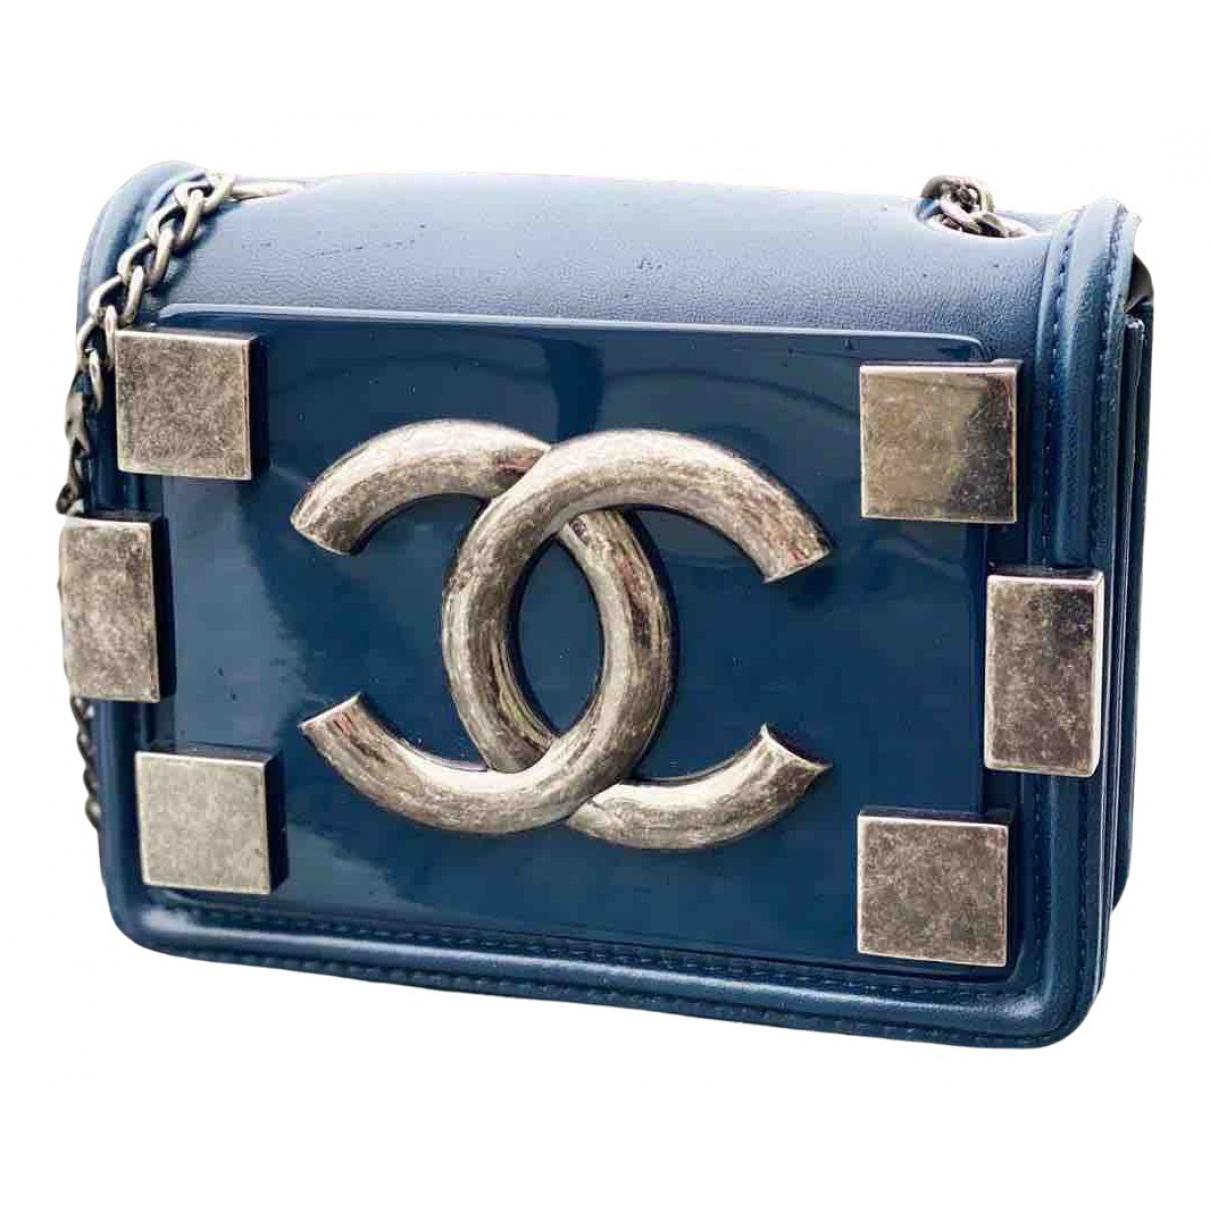 Chanel \N Clutch in  Blau Leder